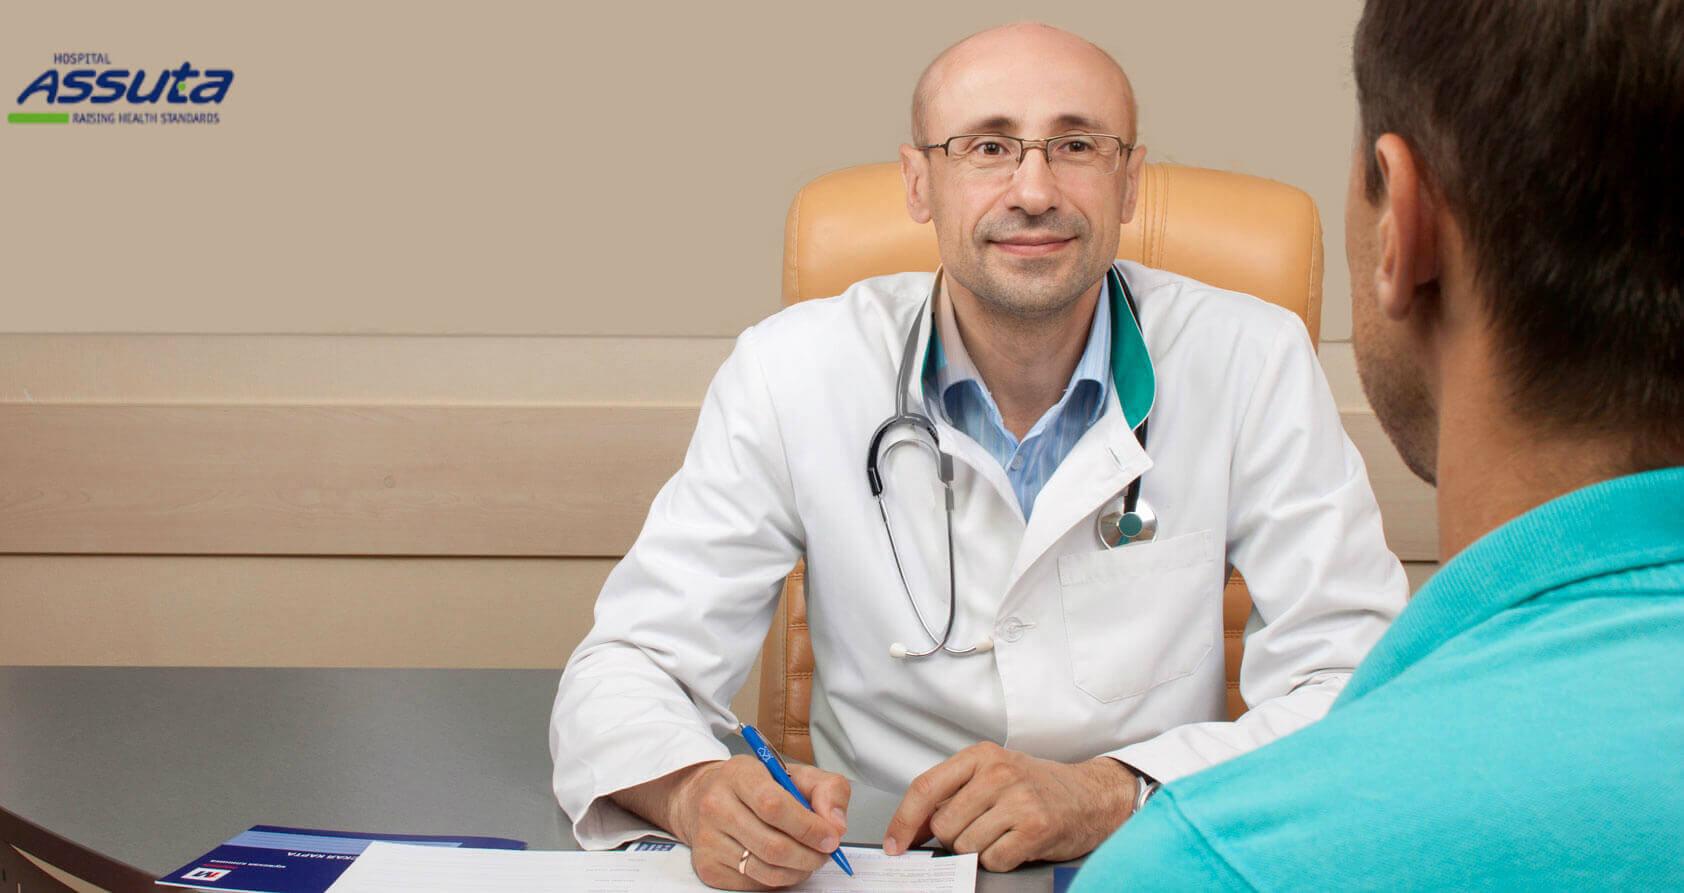 уролог на приеме пациента с эректильной дисфункцией